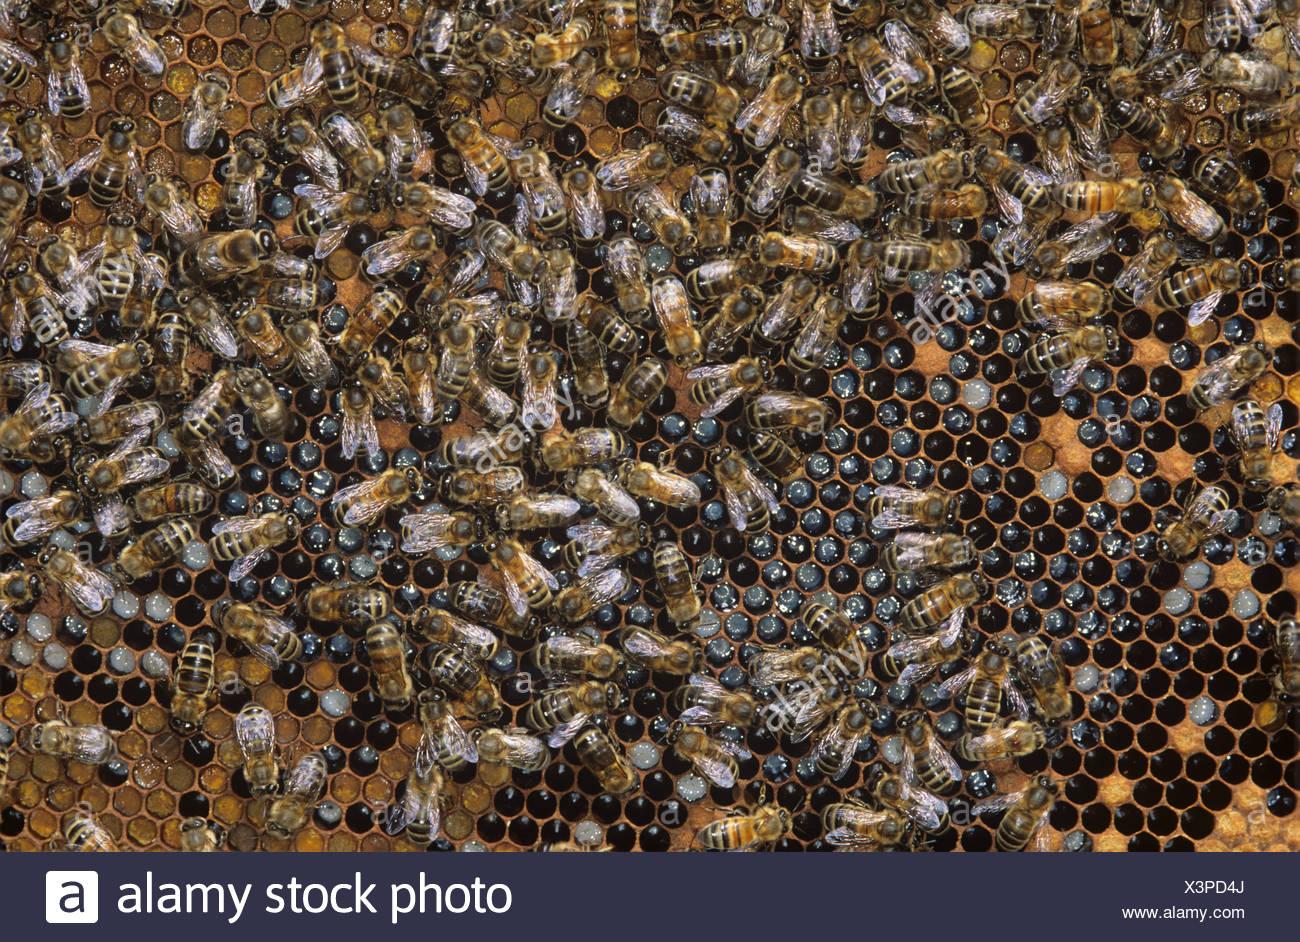 Arbeiter und ein paar Drohne Honig Bienen Apis Mellifera auf Brutzellen in einem Bienenkorb Stockbild